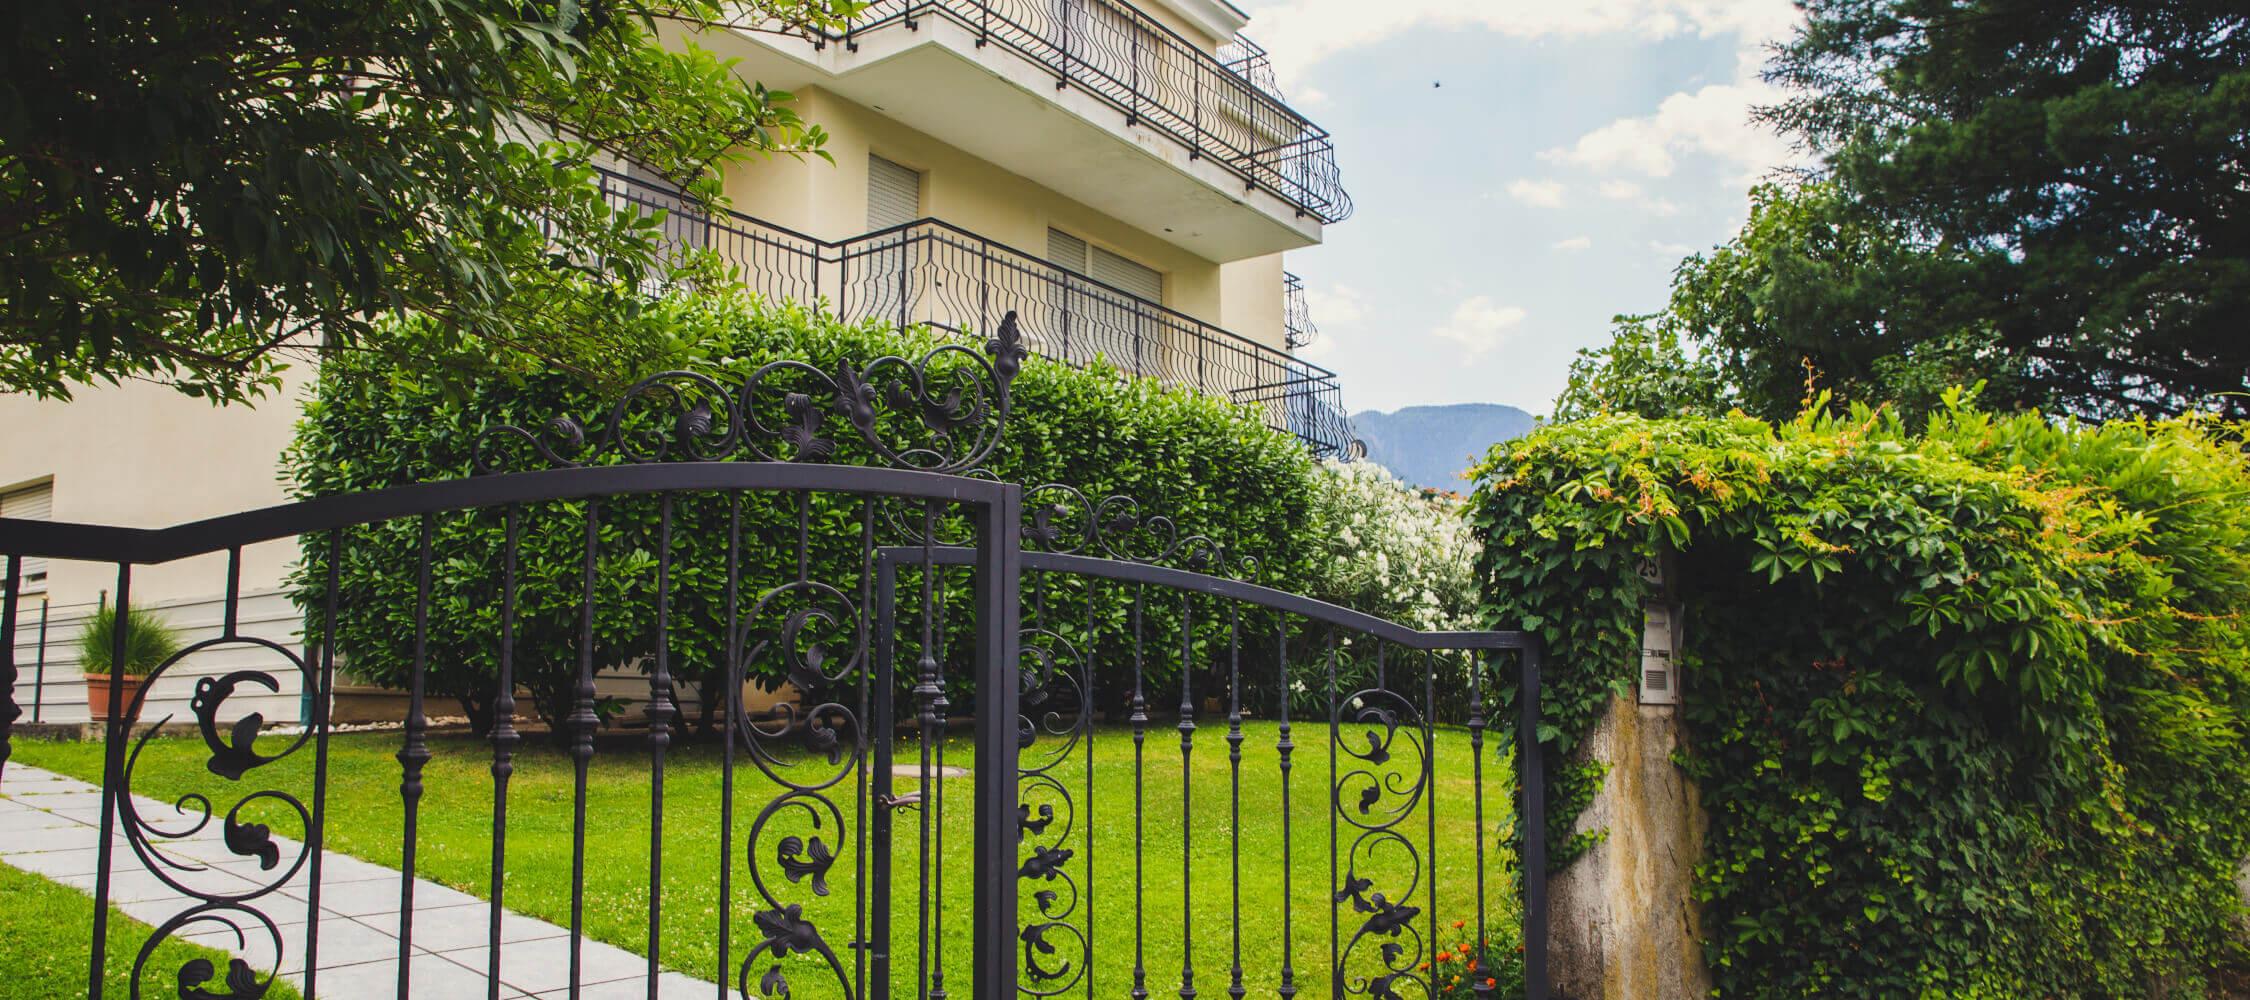 Hotel Villa Laurus Merano, albergo 3 stelle – Posizione idillica in Vicolo del Lauro 25